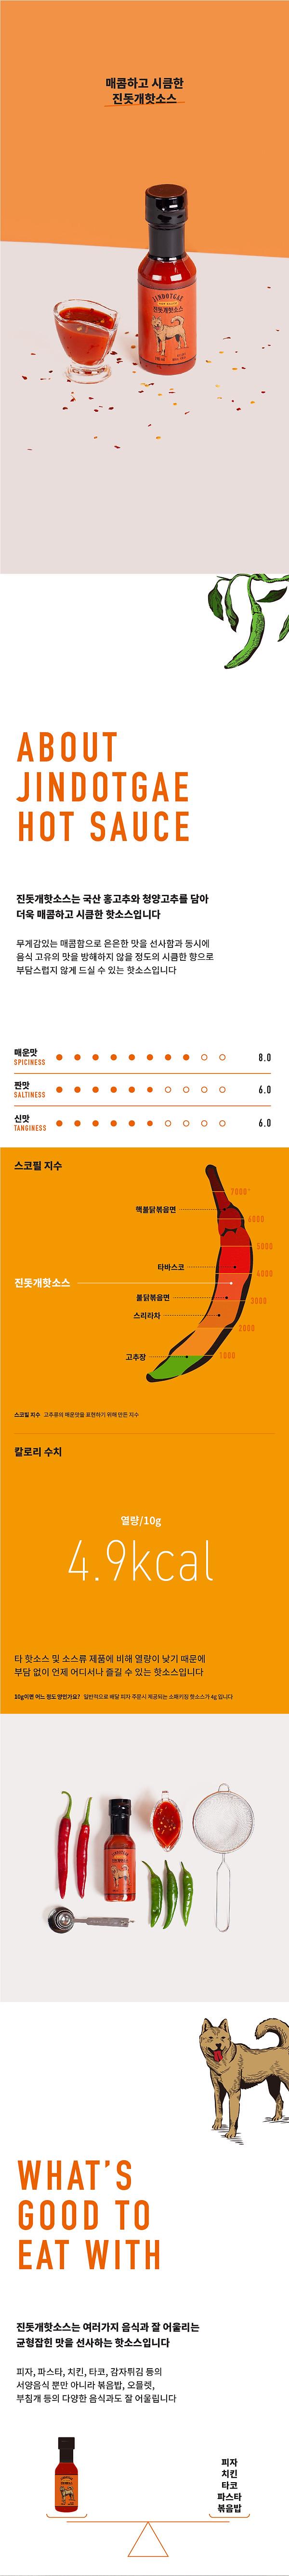 detail page_jindotgae hot sauce_20190527